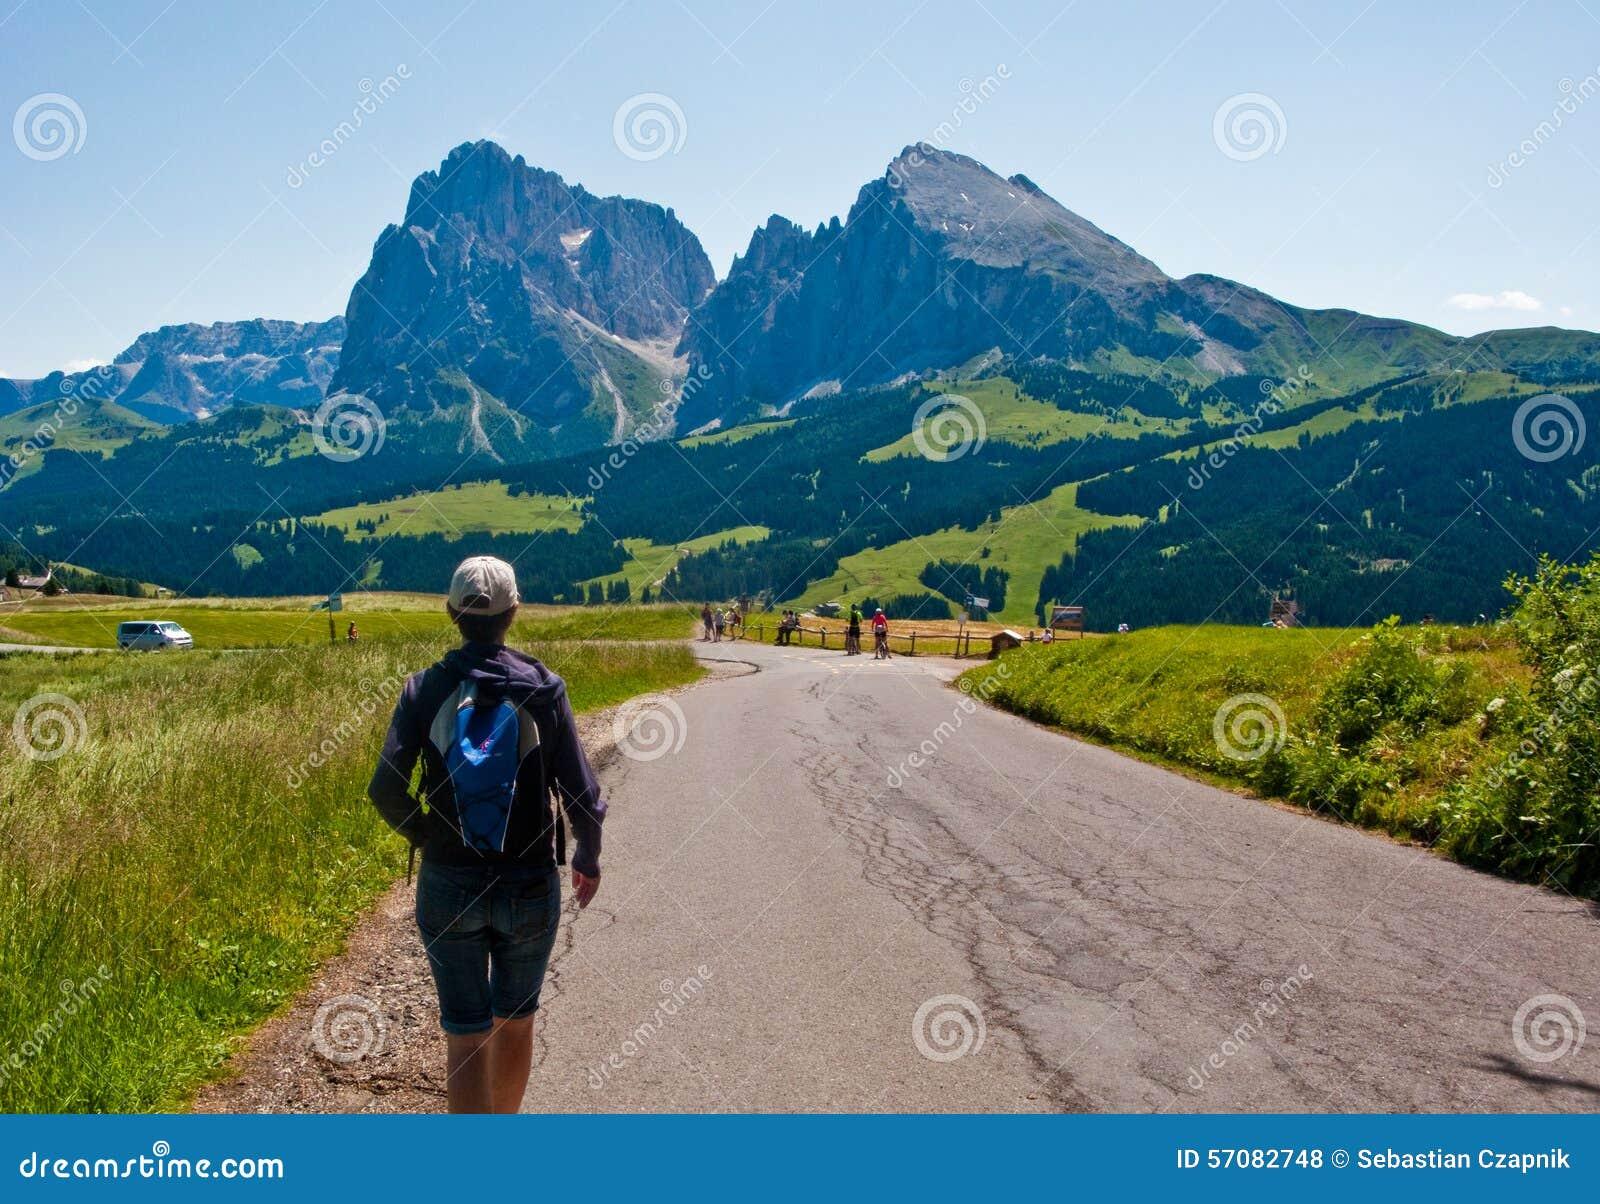 Woman hiking in Italian Alps